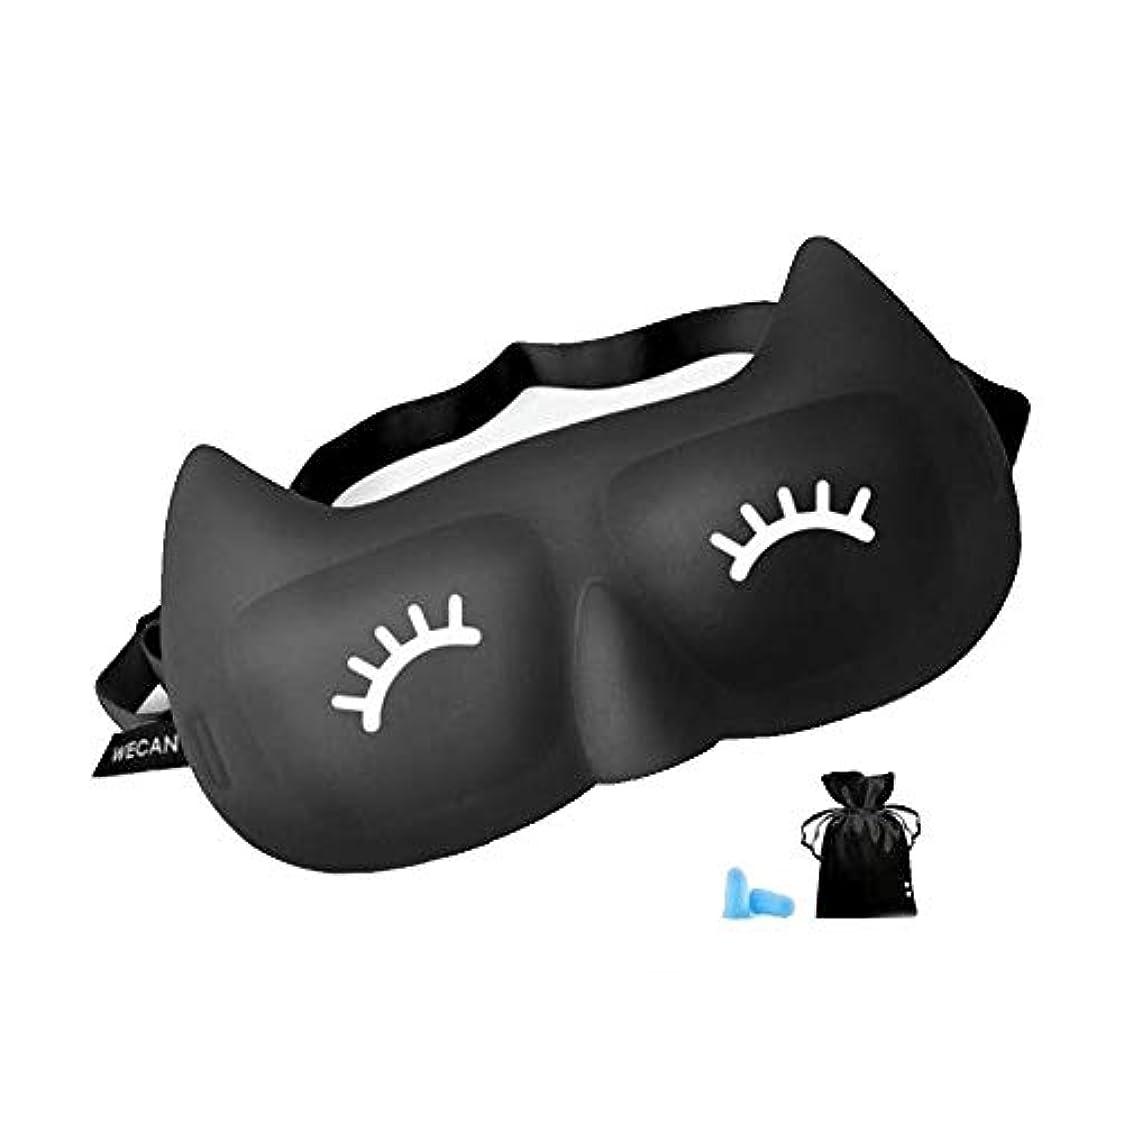 こしょう味方帽子HUICHEN 3Dゴーグルゴーグルゴーグル耳栓騒音防止睡眠睡眠睡眠停電ゴーグルの男性と女性の通気性の夏の快適カバーキュートな3次元ゴーグルゴーグル (Color : F)